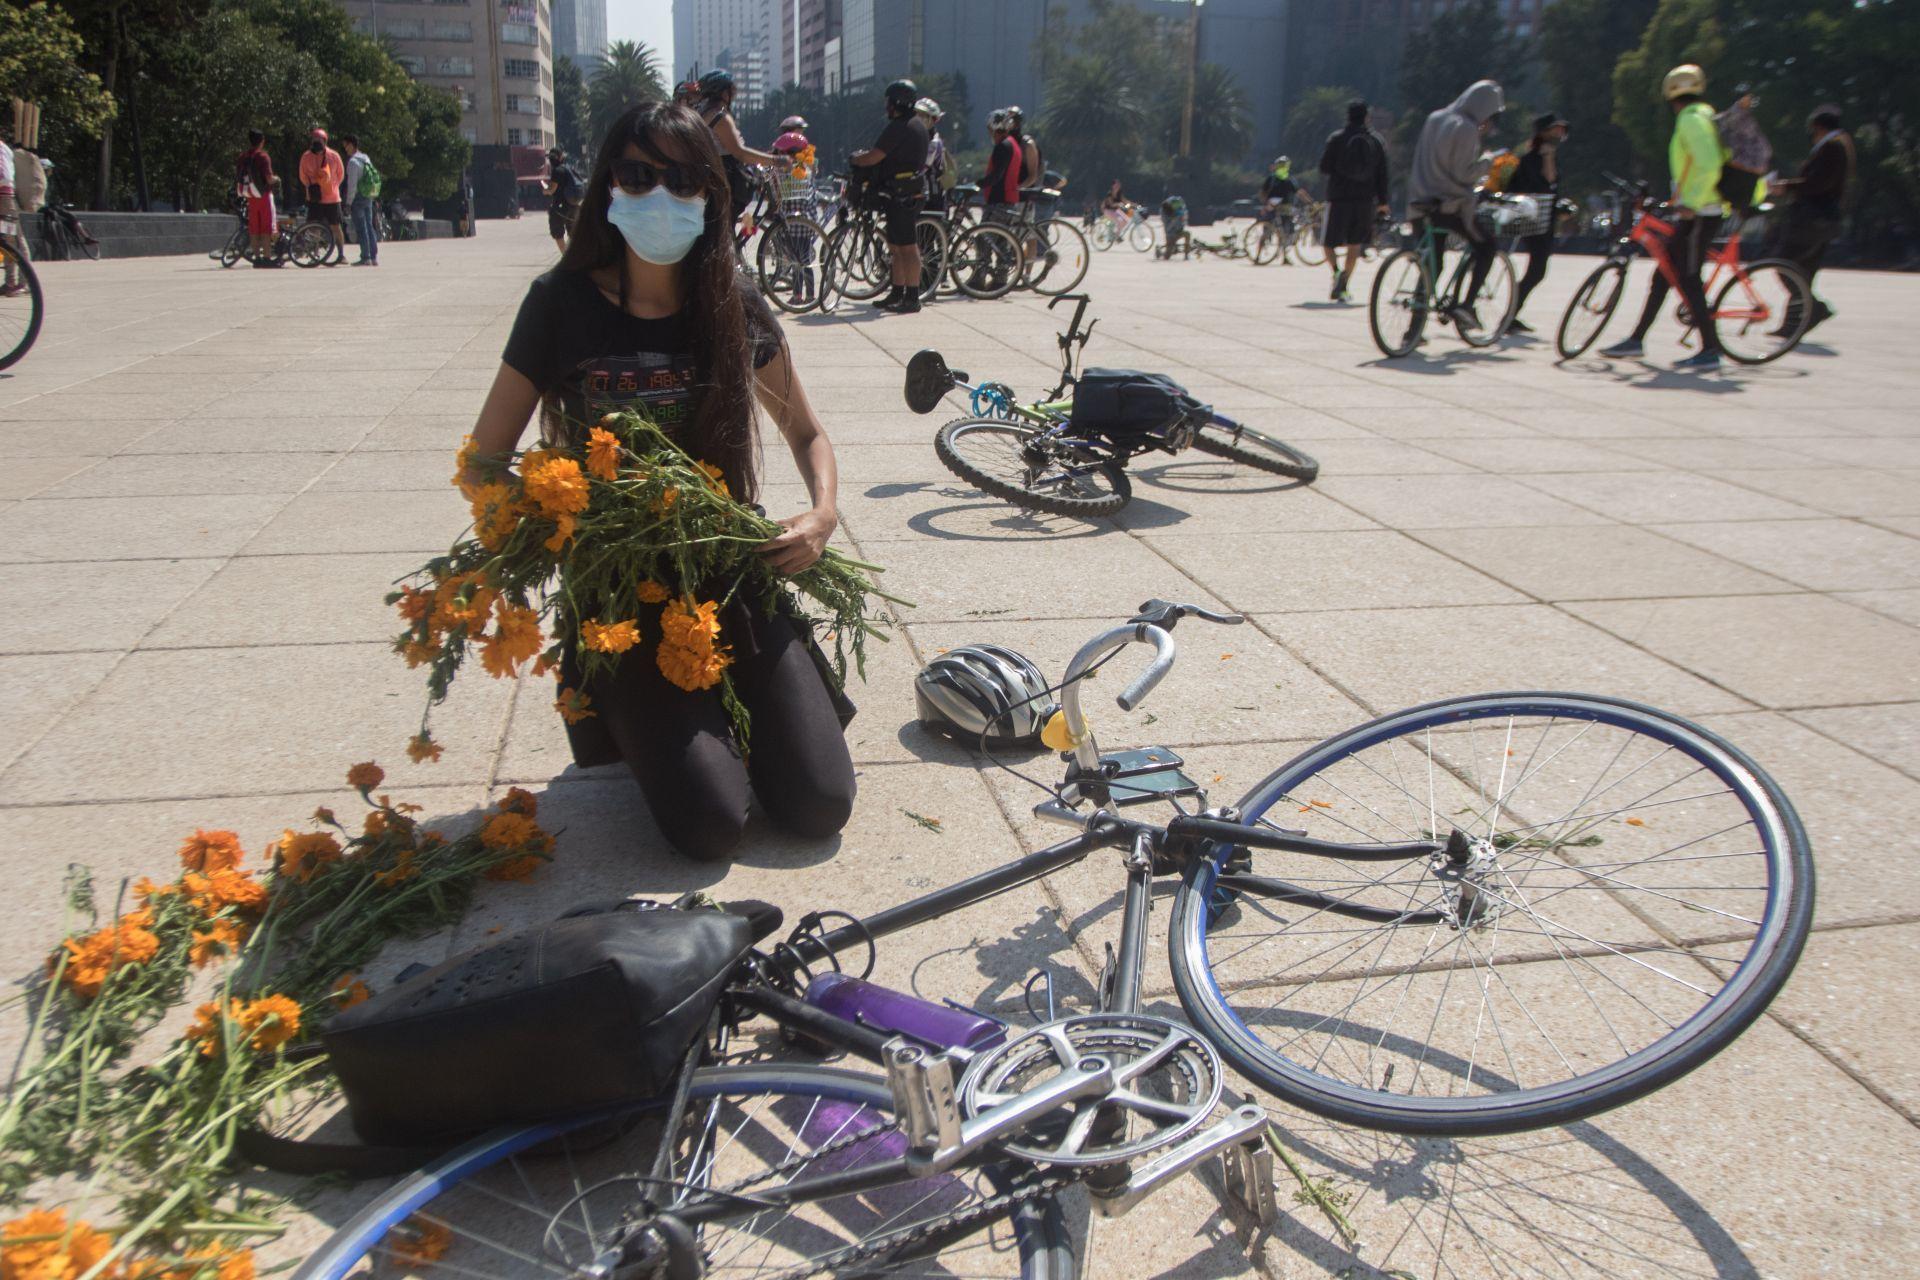 #LutoCiclista: Las imágenes de la protesta en el Monumento a la Revolución por ciclistas atropellados